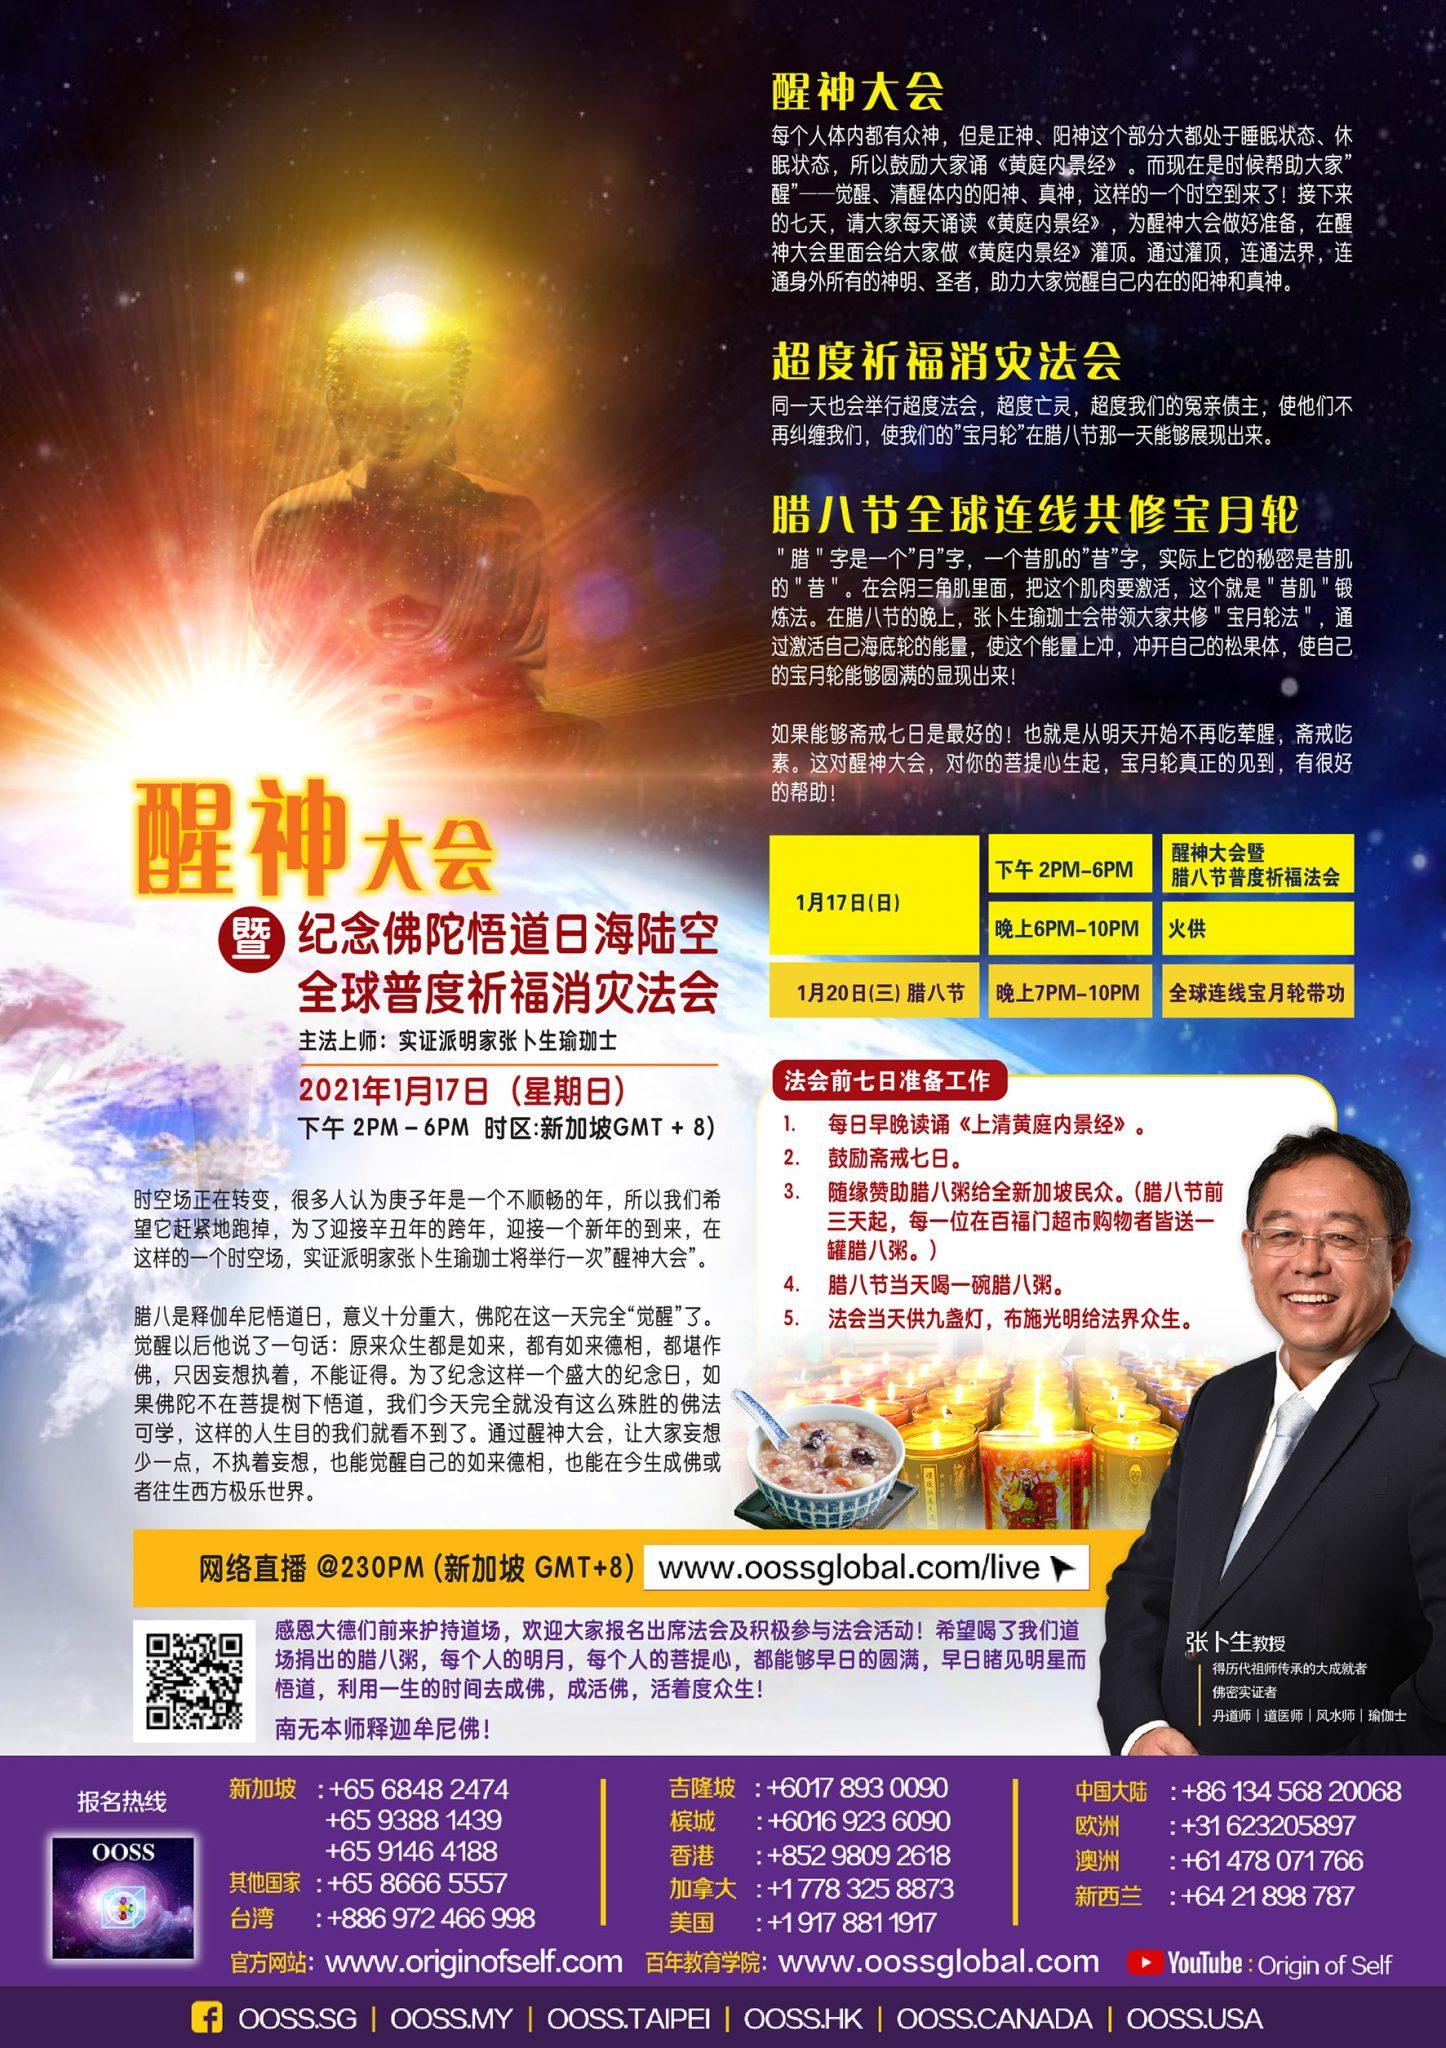 2021年1月27日-醒神大会暨纪念佛陀悟道日海陆空全球普度祈福消灾法会